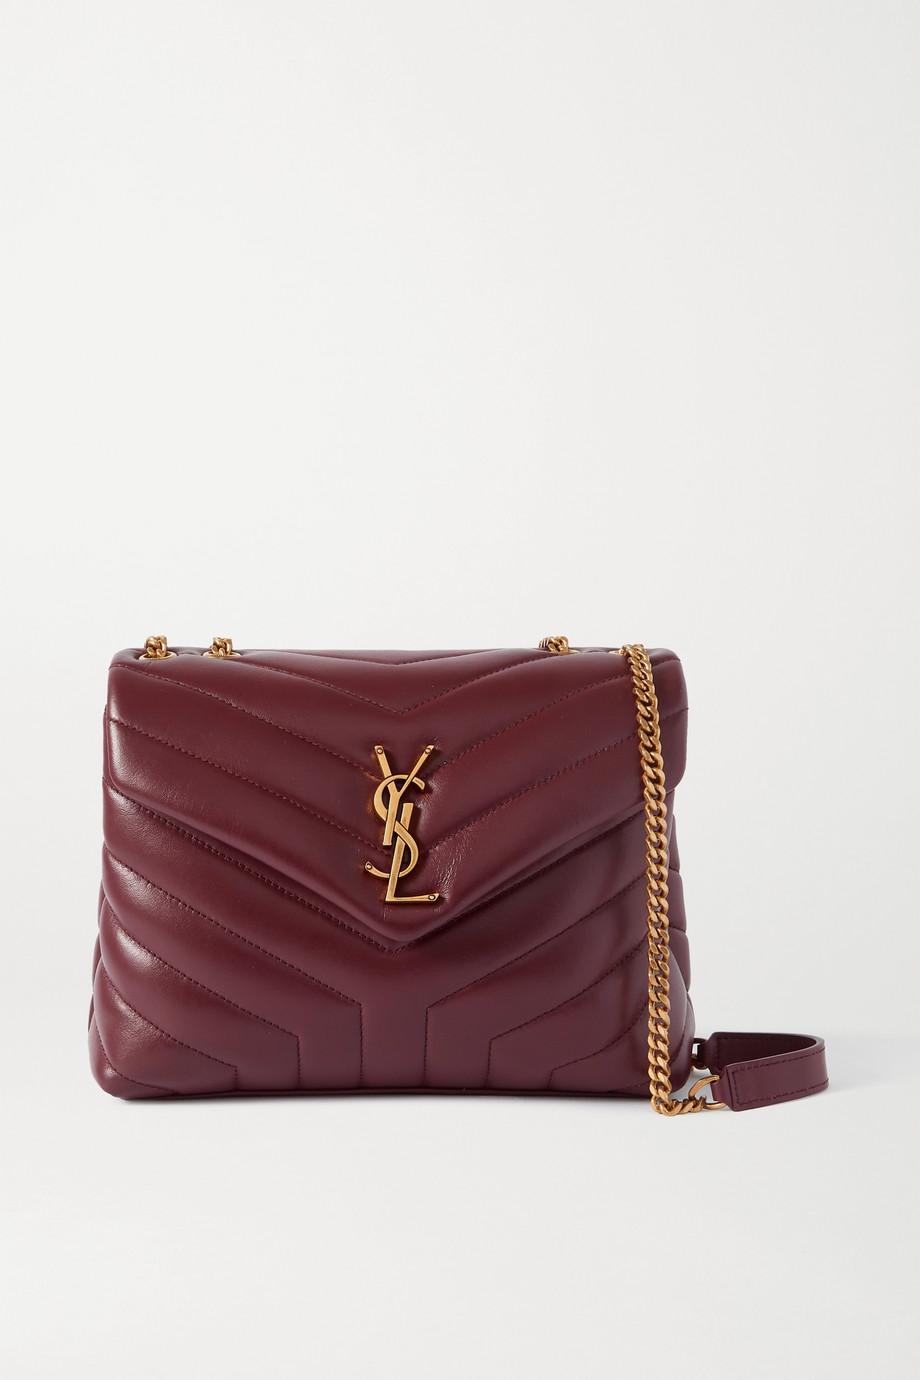 생 로랑 루루백 스몰 - 버건디 Saint Laurent Loulou small quilted leather shoulder bag,Burgundy